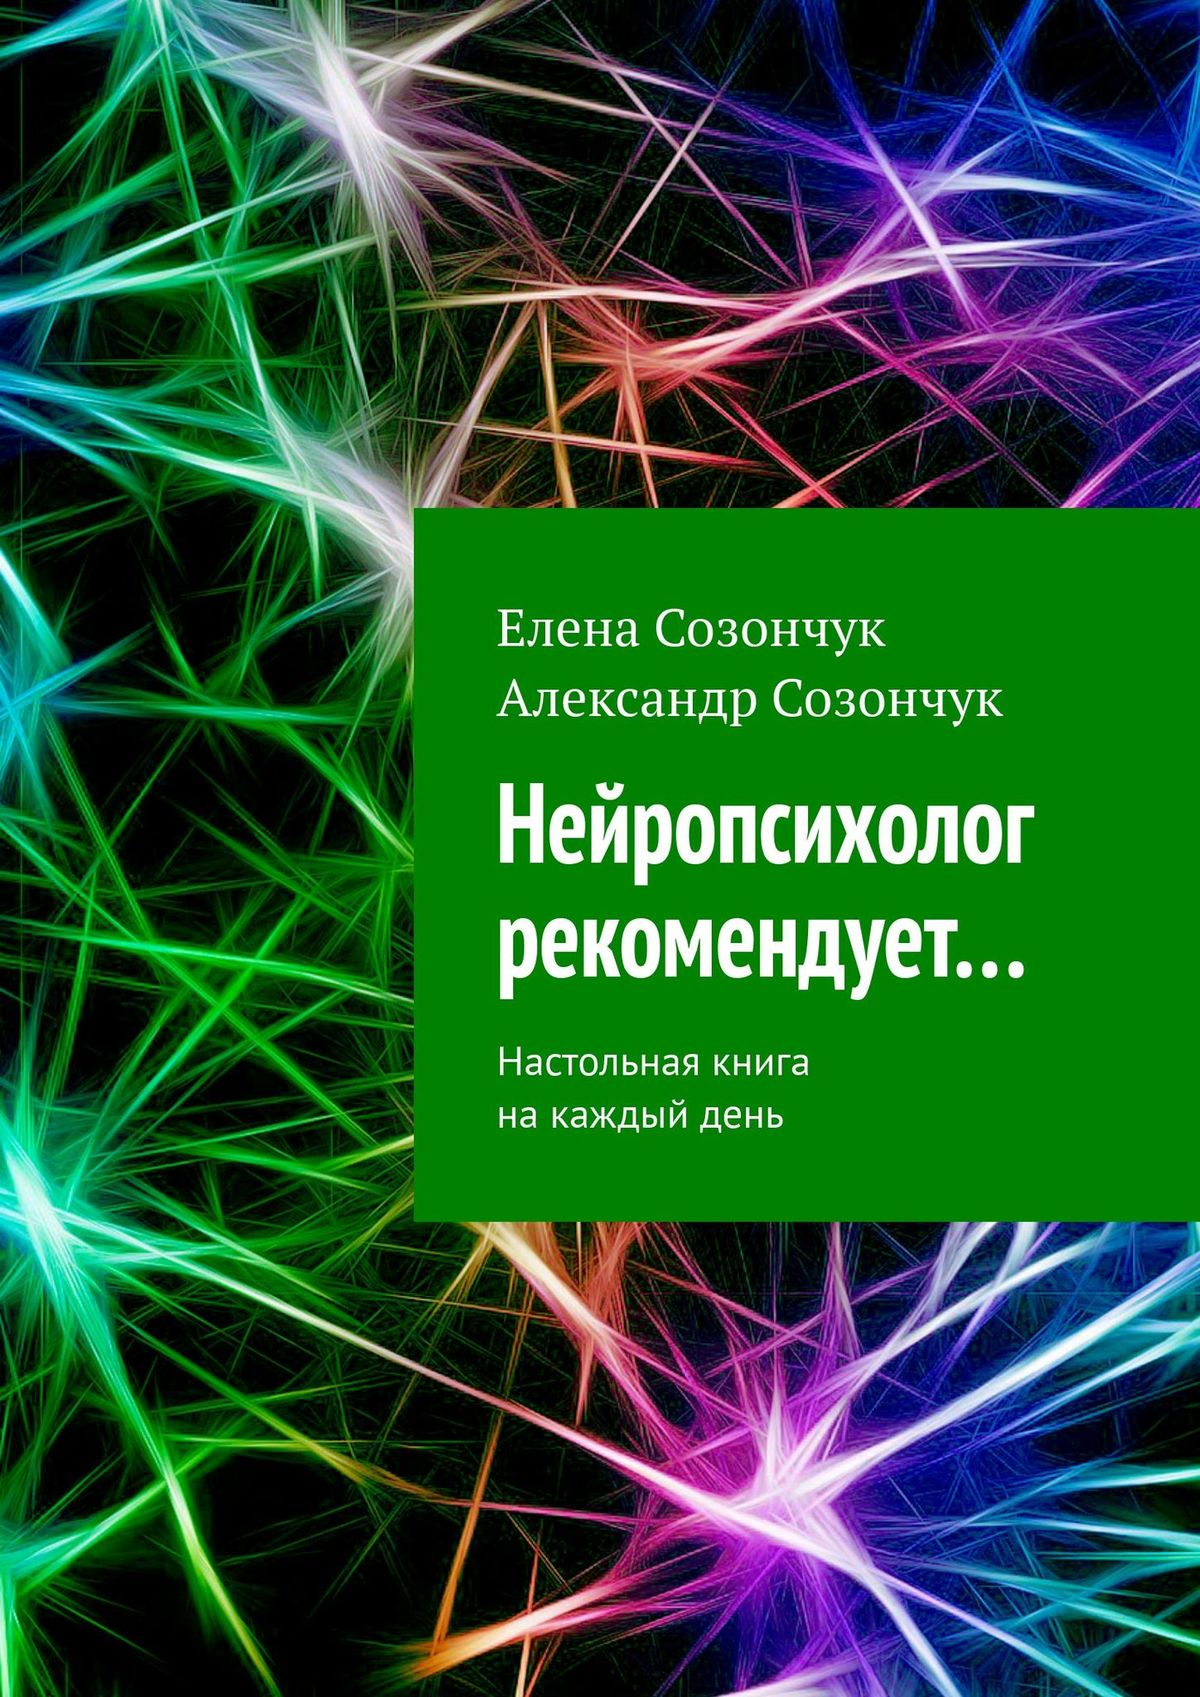 Нейропсихолог рекомендует… Настольная книга накаждыйдень